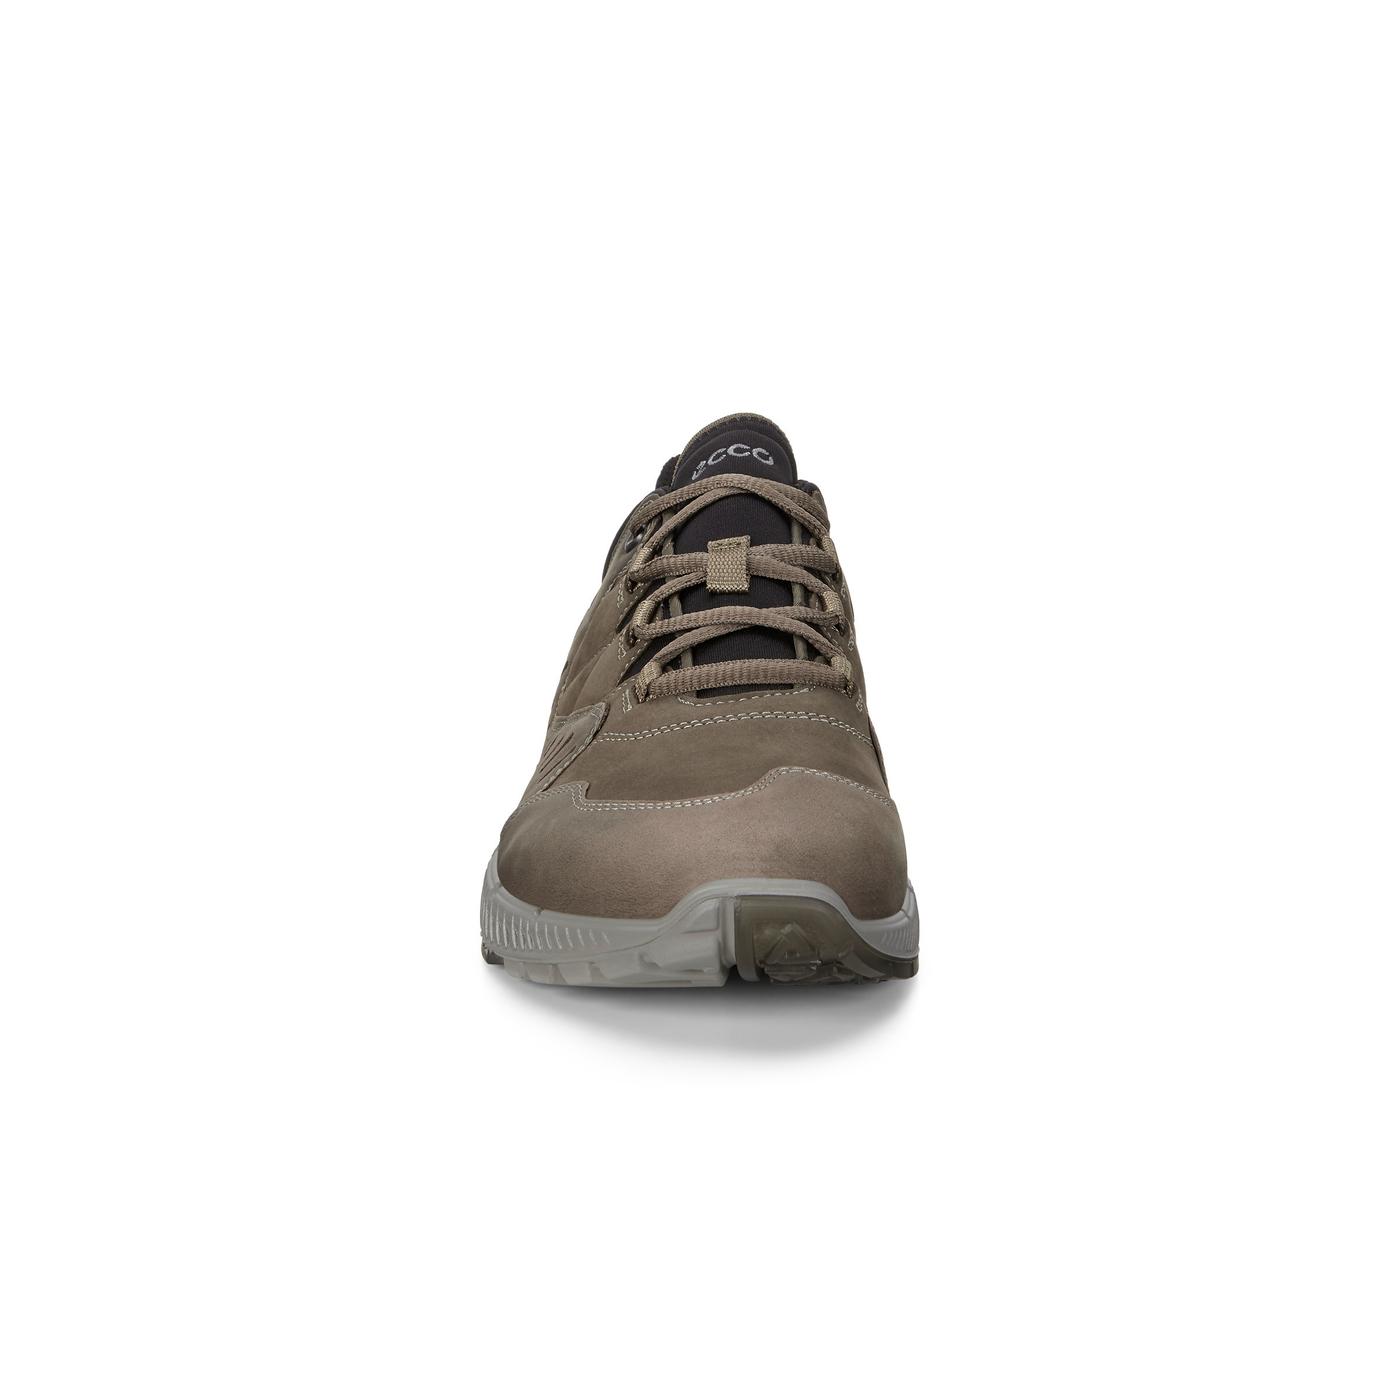 Top Design präsentieren neueste Kollektion ECCO Men's Terrawalk | Running BIOM Shoes | ECCO® Shoes